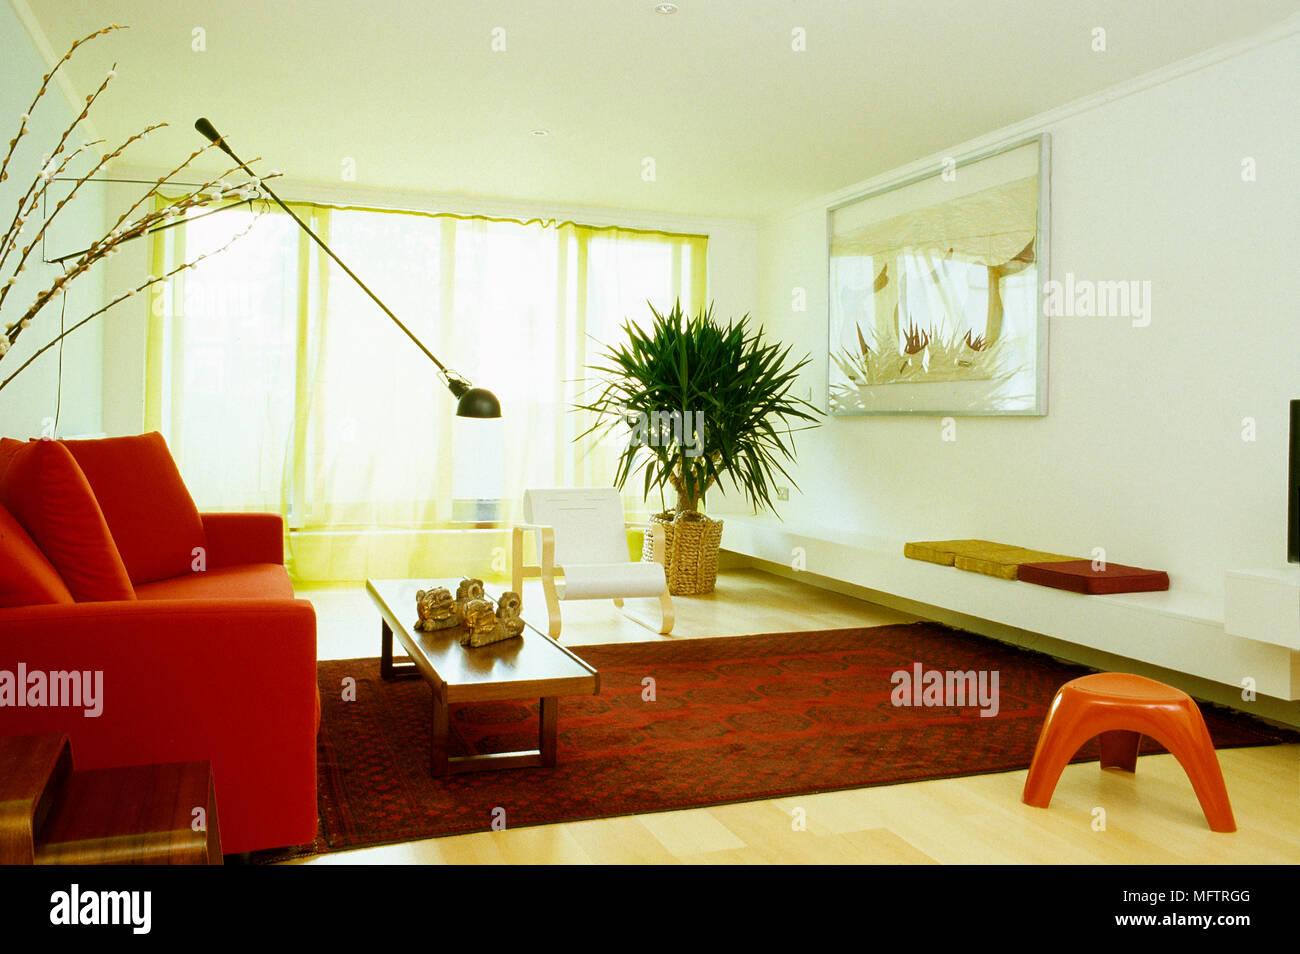 Wohnzimmer Mit Rotem Teppich Und Sofa Und Anglepoise Lampe Uber Couchtisch Stockfotografie Alamy